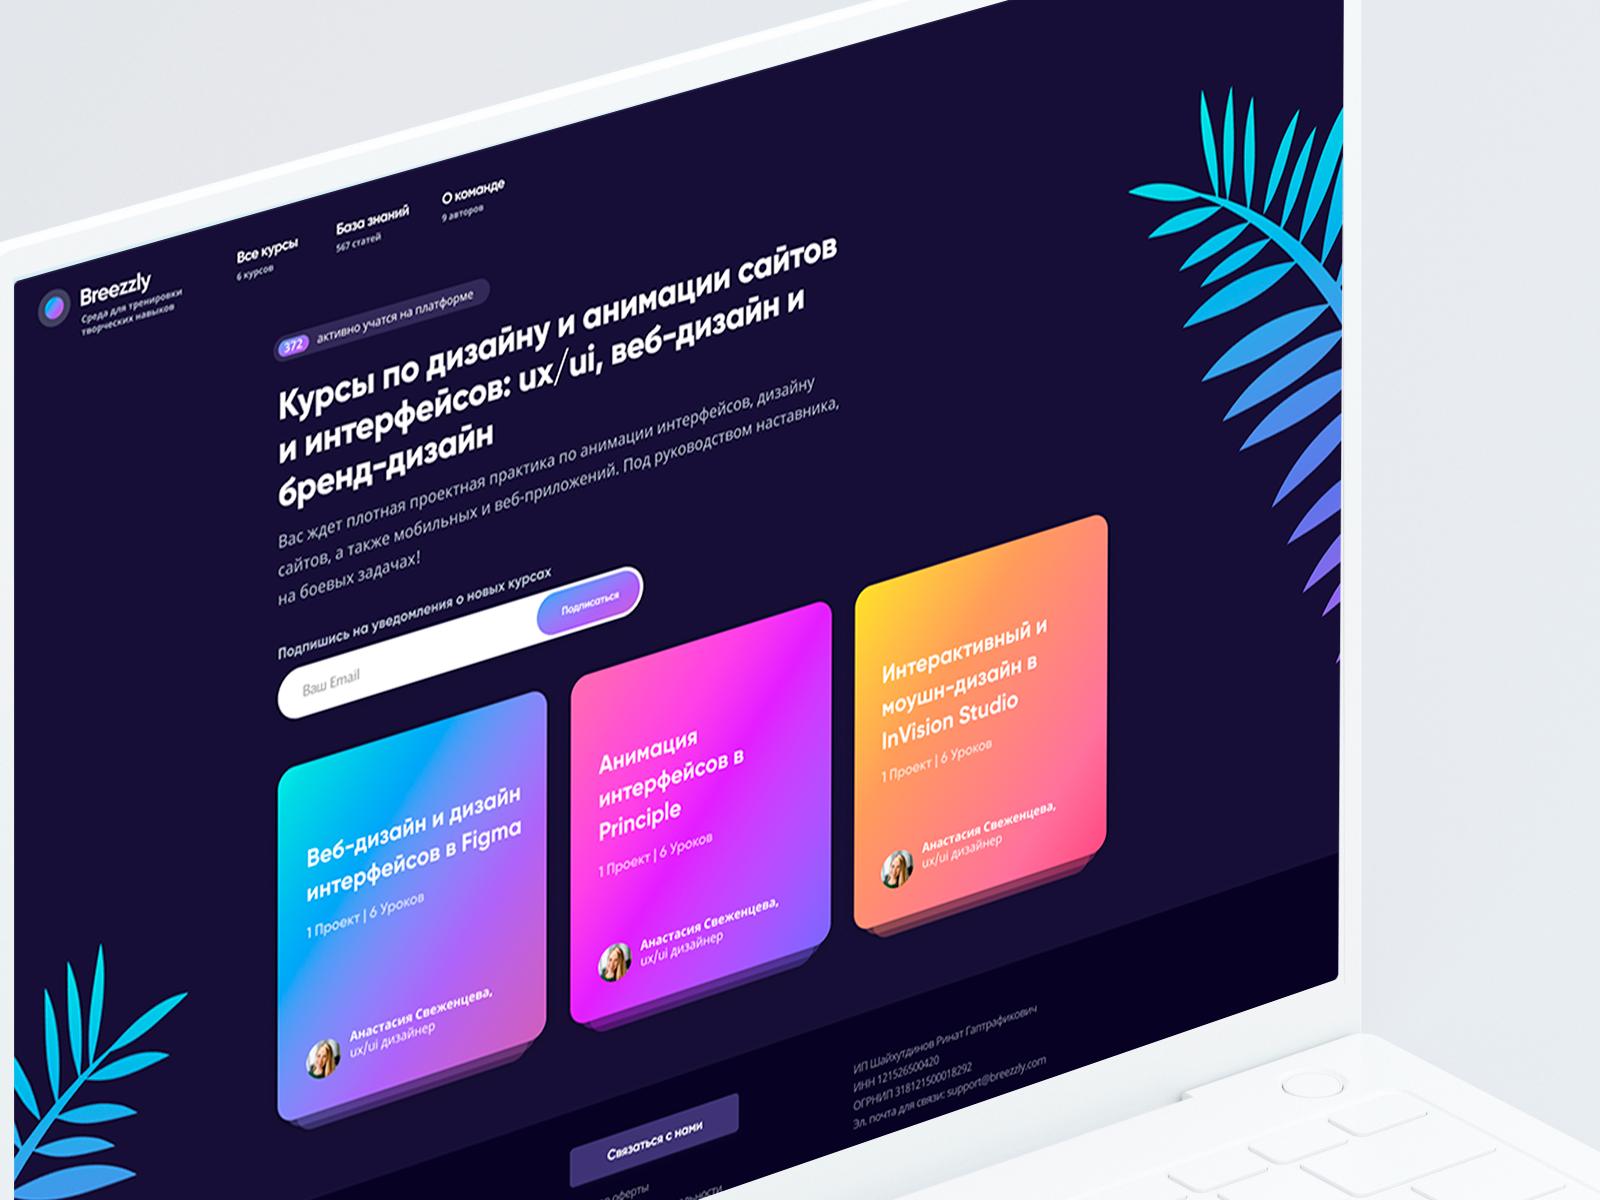 Breezzly – видеокурсы по дизайну и анимации сайтов и интерфейсов: ux/ui, веб-дизайн и бренд-дизайн